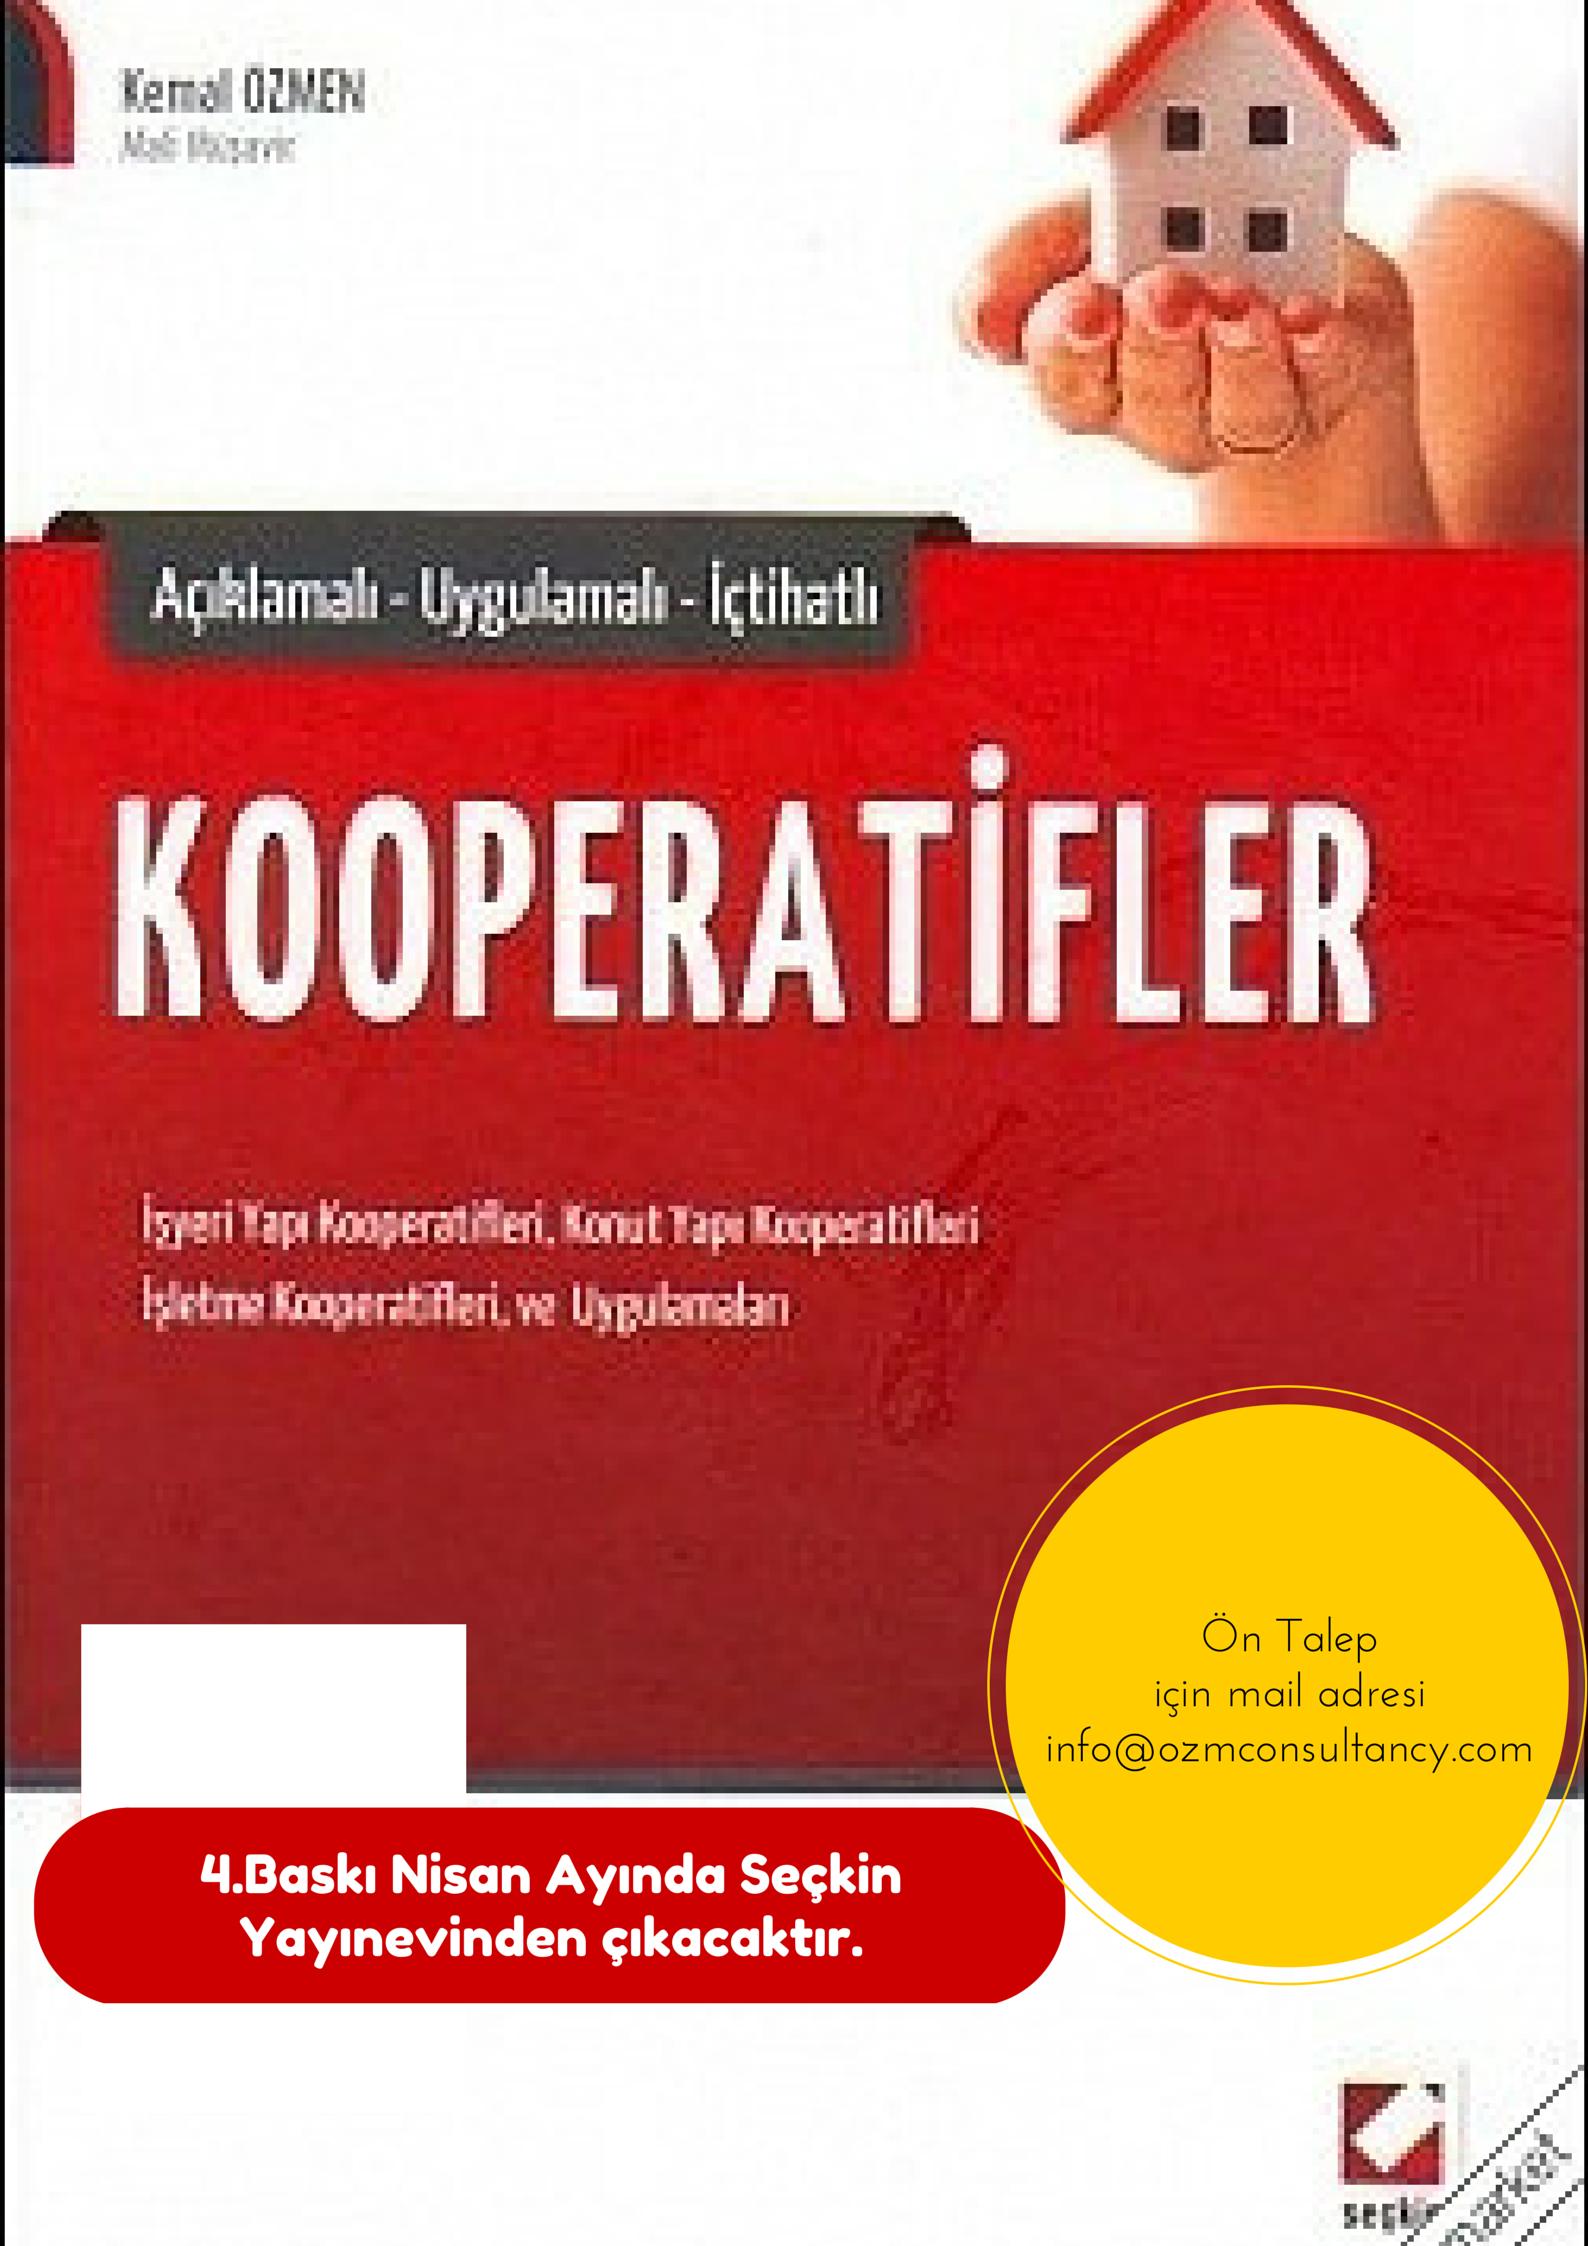 Kemal Özmen-Kooperatifler İsimli Kitabı